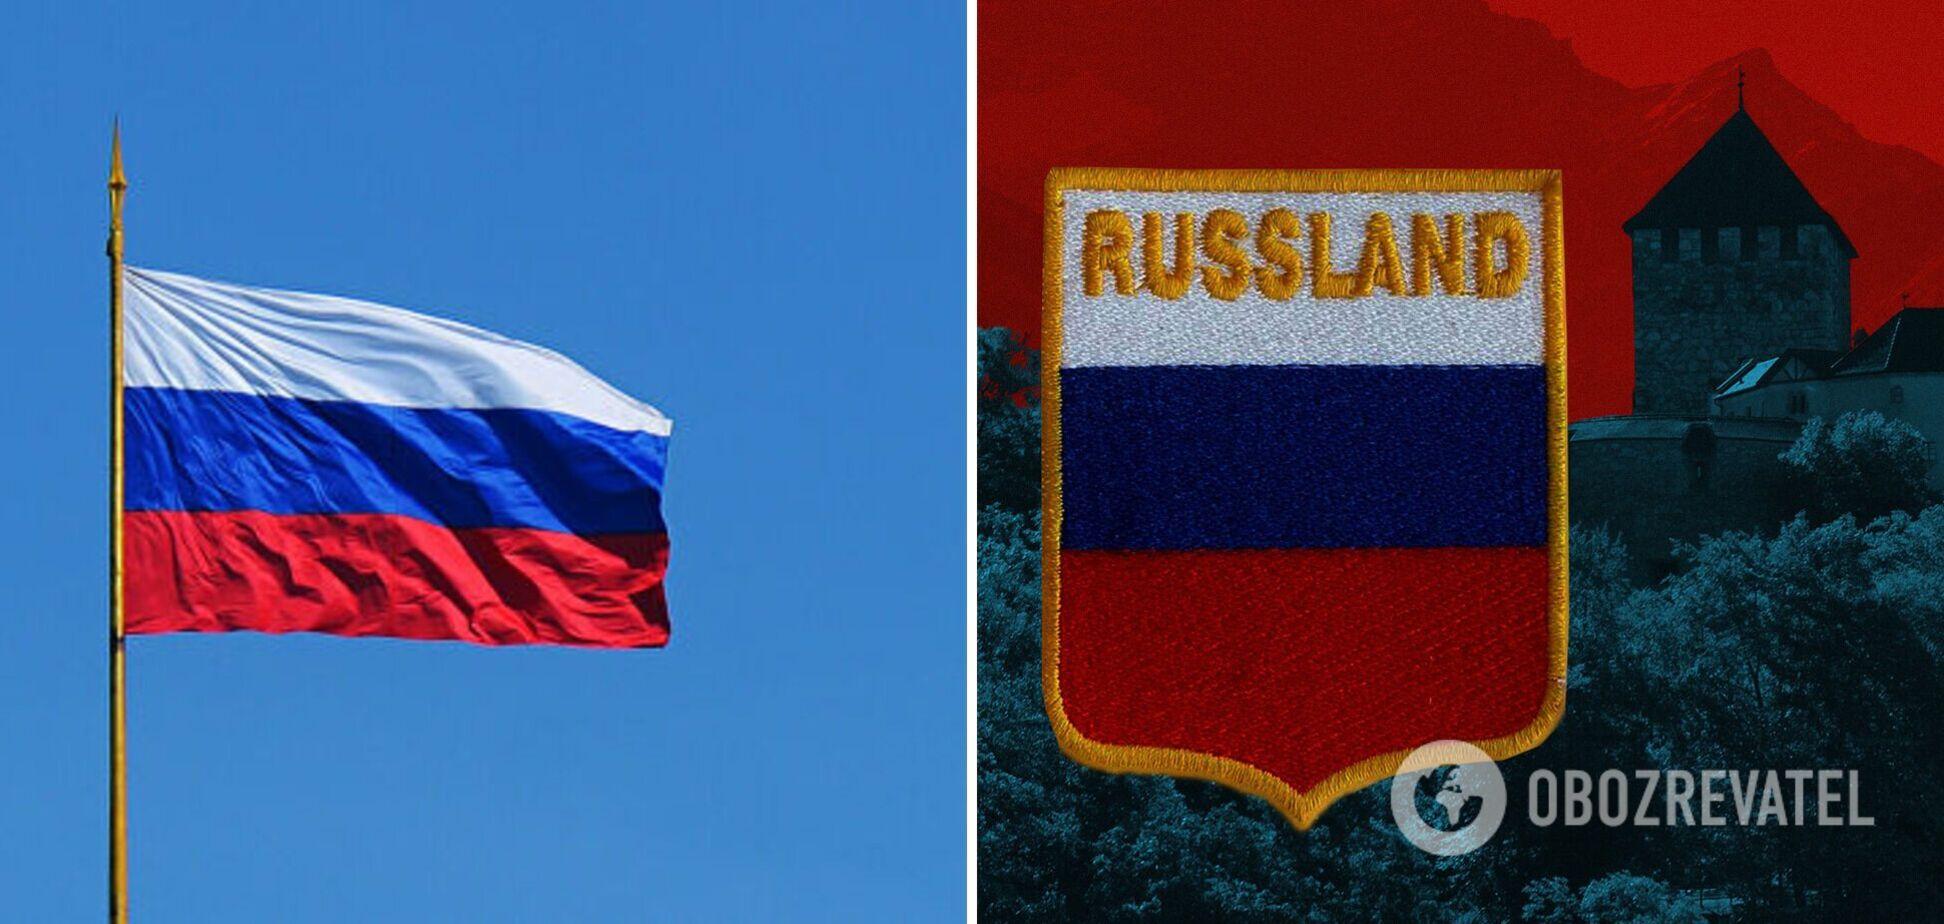 Приключения российского триколора: что следует знать мировым лидерам о флаге РФ